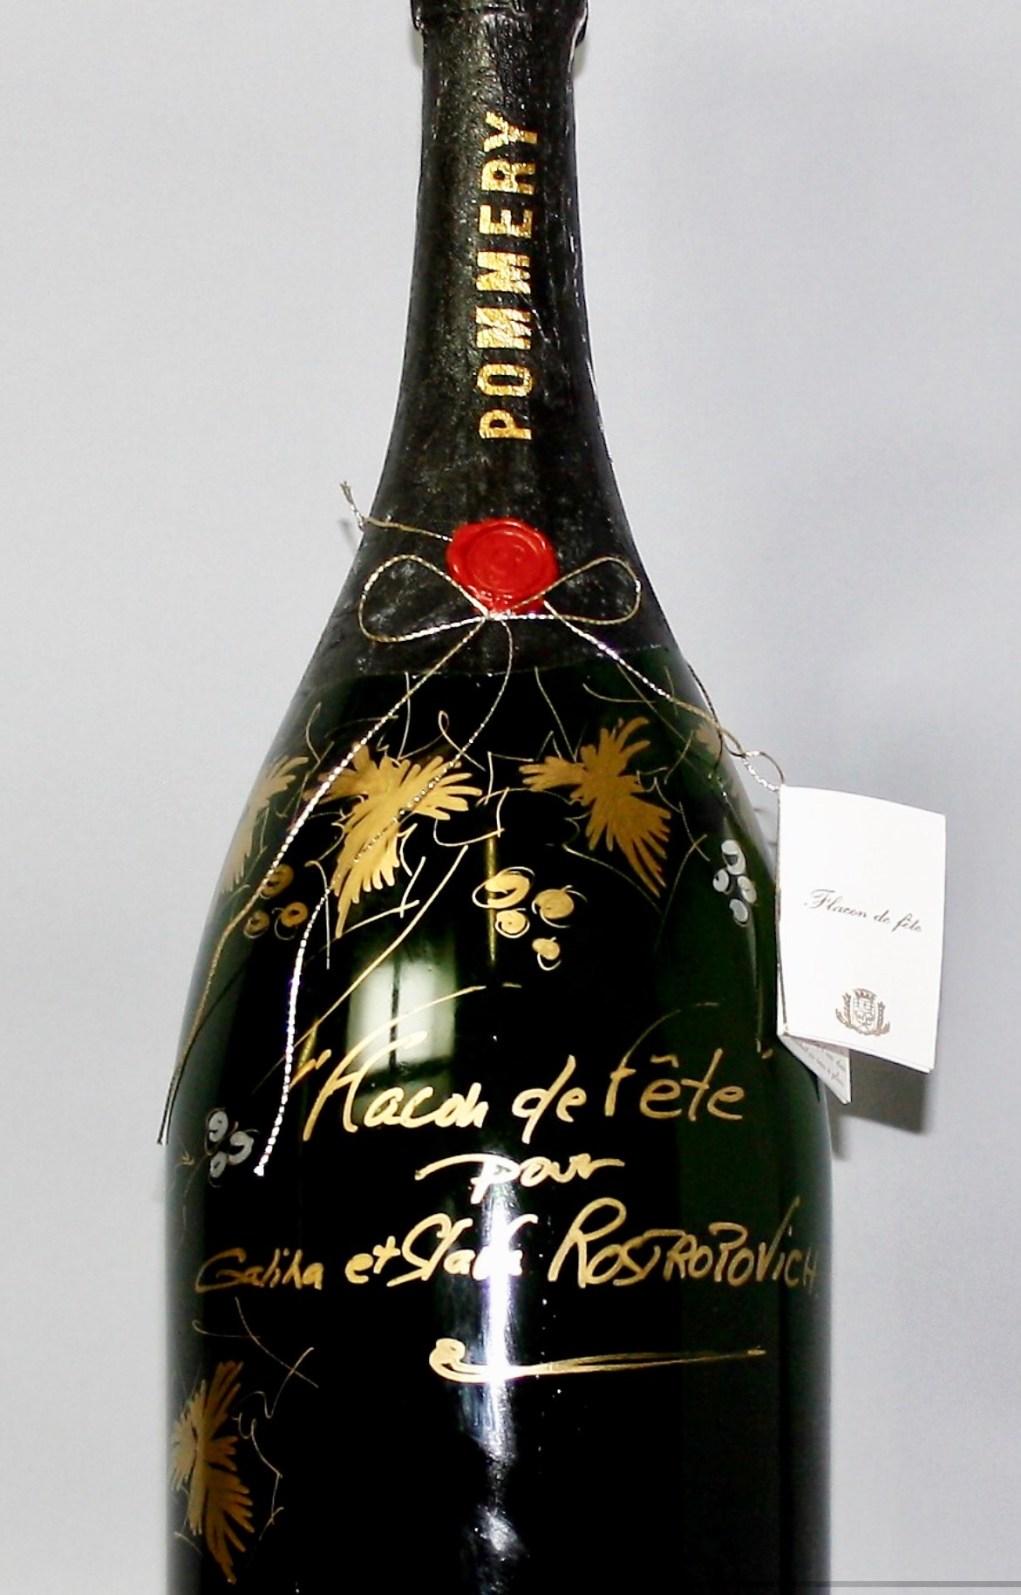 Flacon d'exception « Flacon de fête pour Galina et «Slava» Rostropovich » signé Patrick Berthaud.